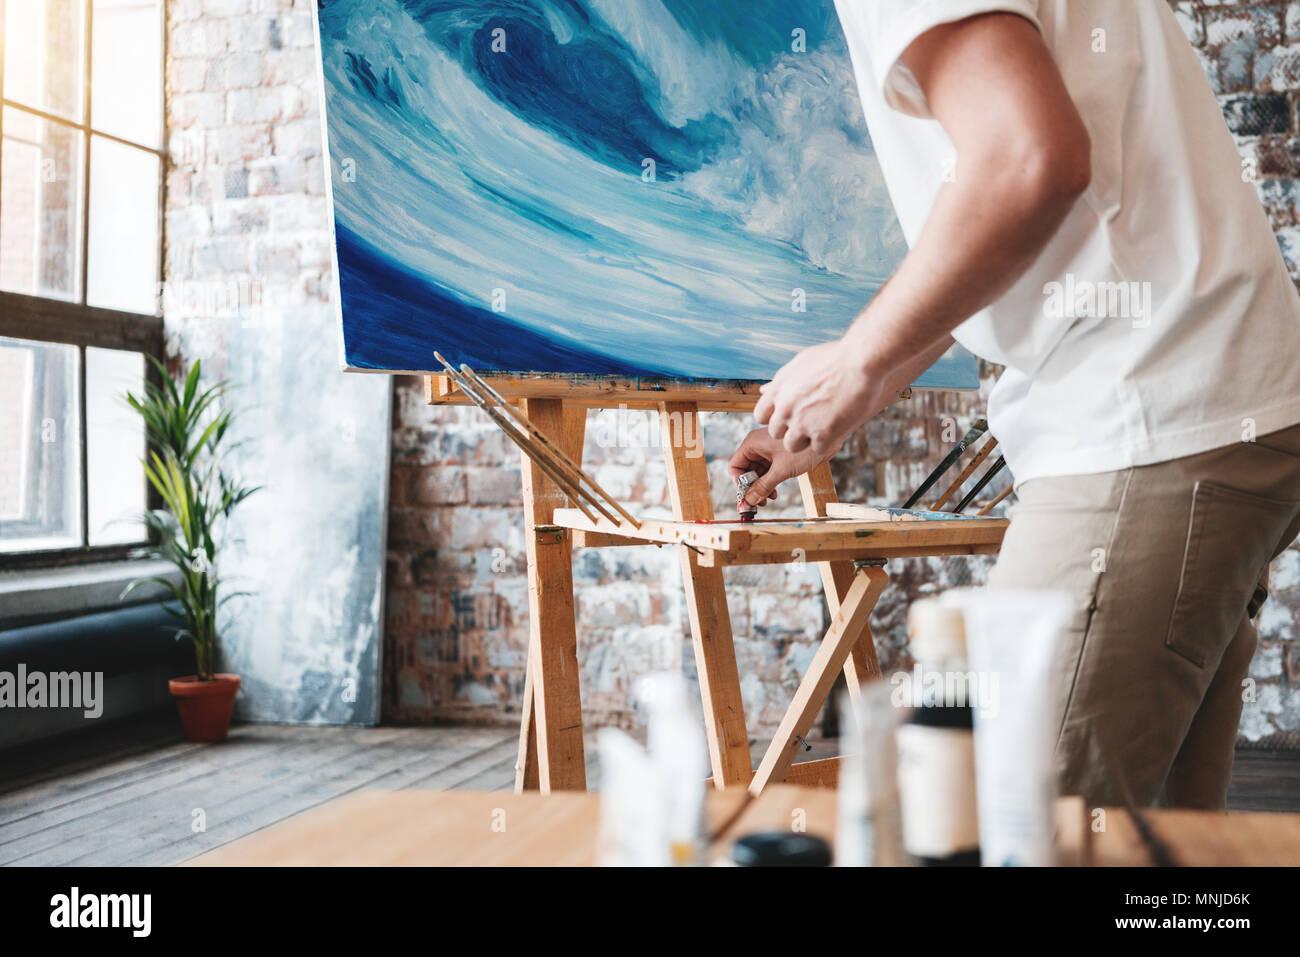 Künstler arbeiten in art Studio in der Nähe von staffelei mit Leinwand. Maler malt eine Malerei mit Ölfarben in Loft Studio. Zeichenworkshop. Kreative Klasse Stockbild